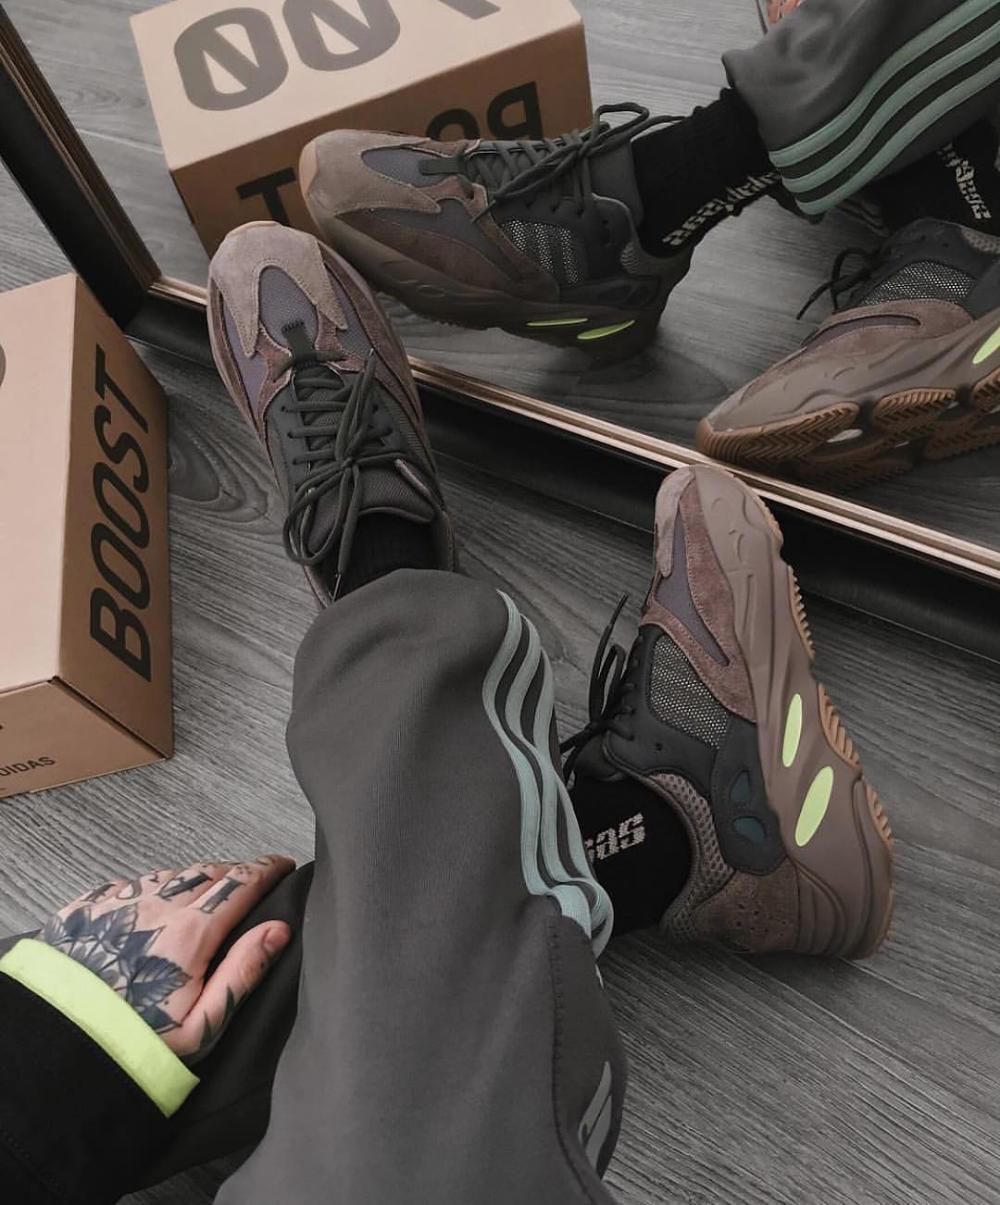 Yeezy 700 Mauve Outfit Ideas : yeezy, mauve, outfit, ideas, Yeezy, Mauve, Disponibles, Wethenew.com, @igortepliakov, #WETHENEW, Outfit,, Yezzy, Shoes,, Shoes